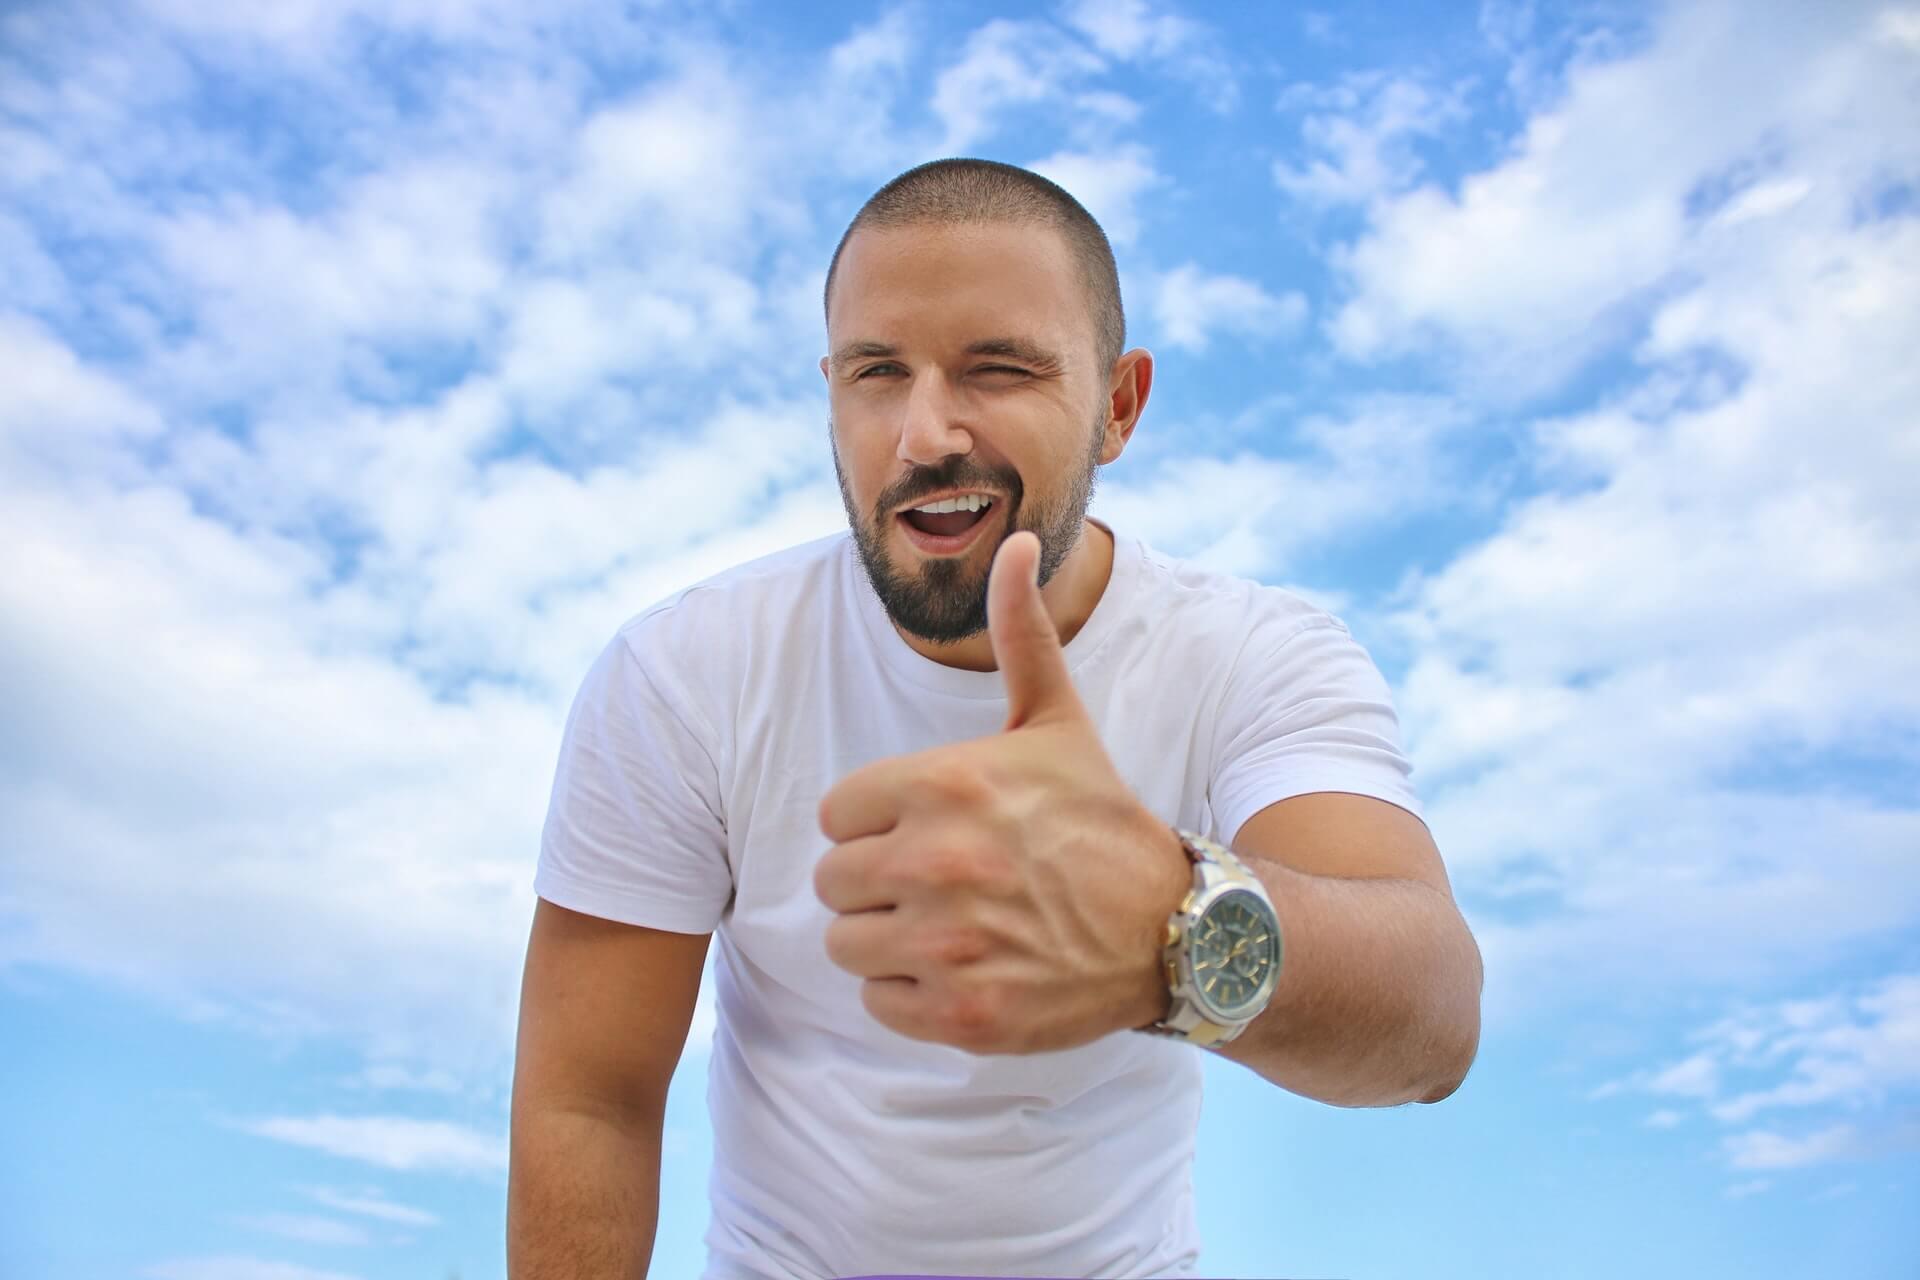 Najlepszy zegarek dla mężczyzny – jak go wybrać?